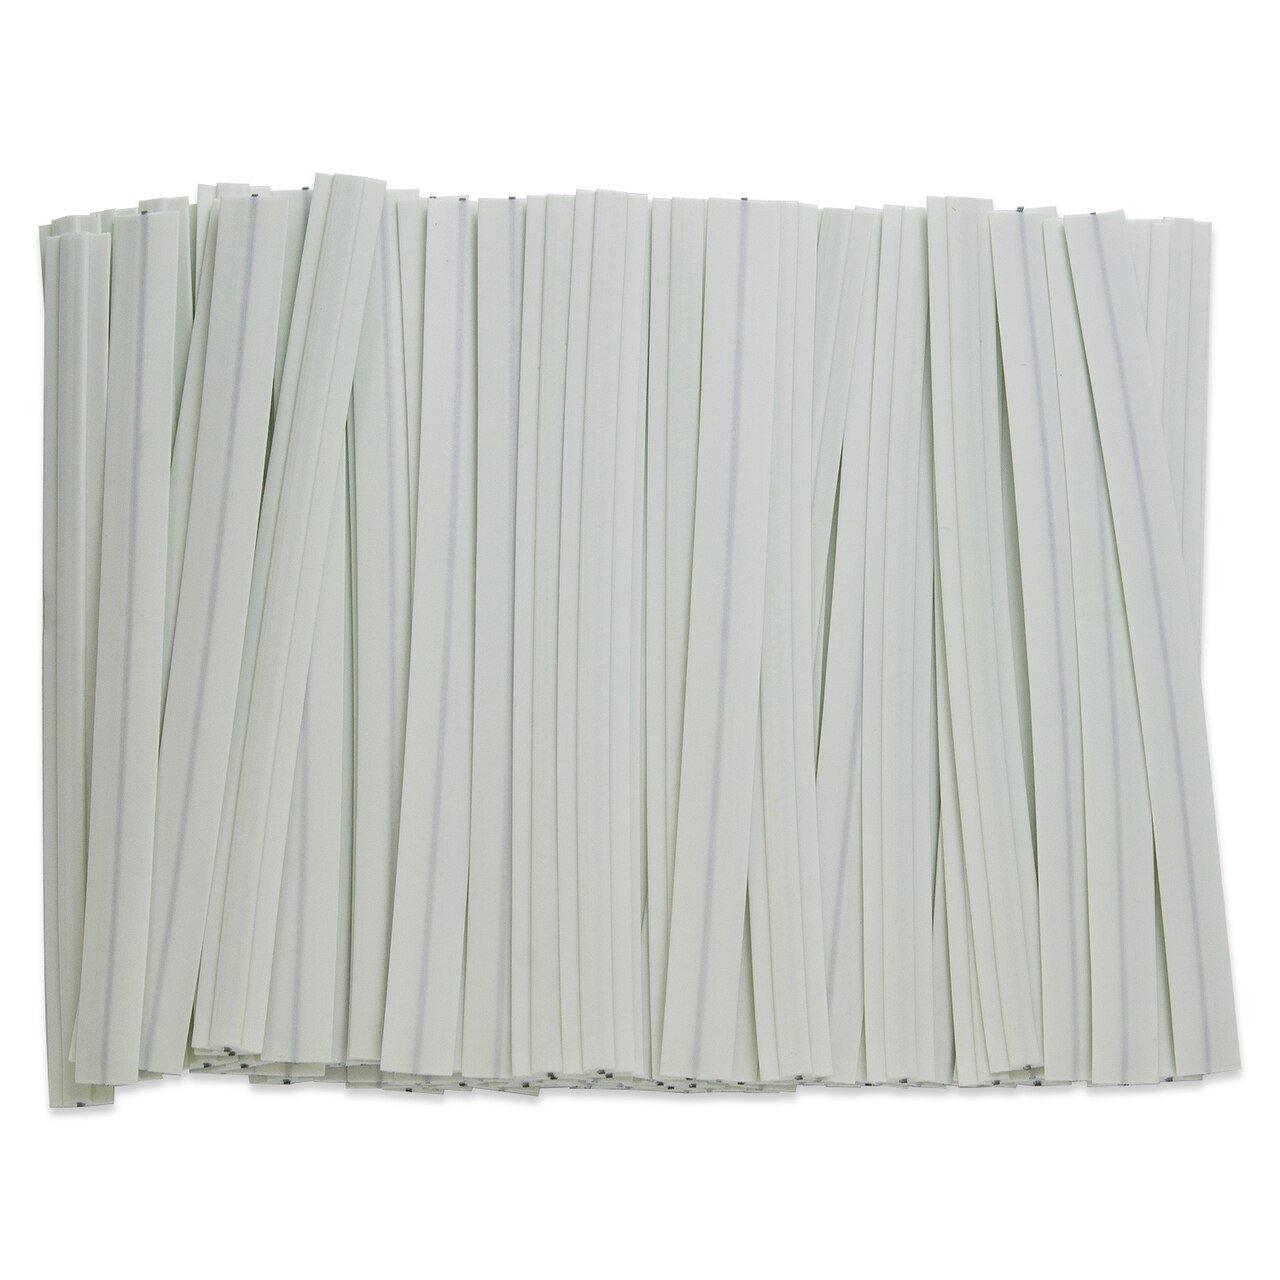 1/4 Bendable Metal Wire Strips - 100 pcs